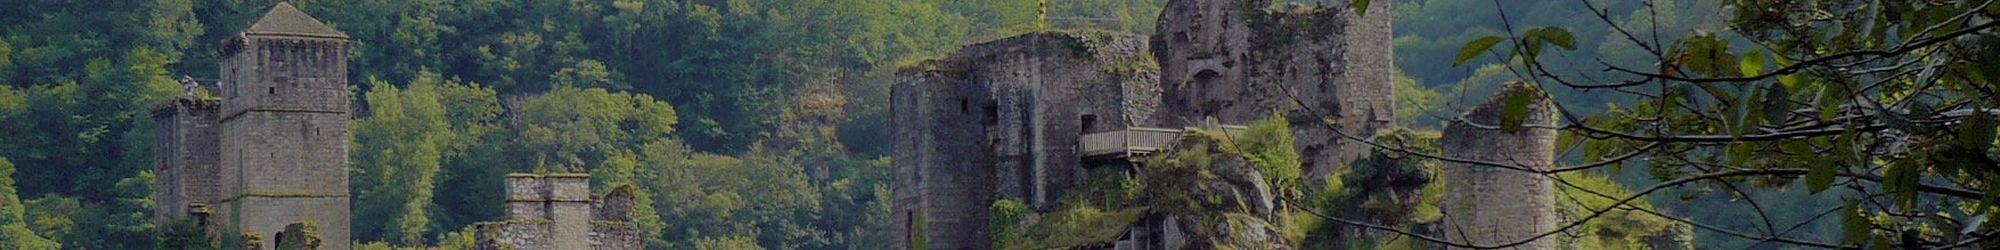 Ruines près de Brive